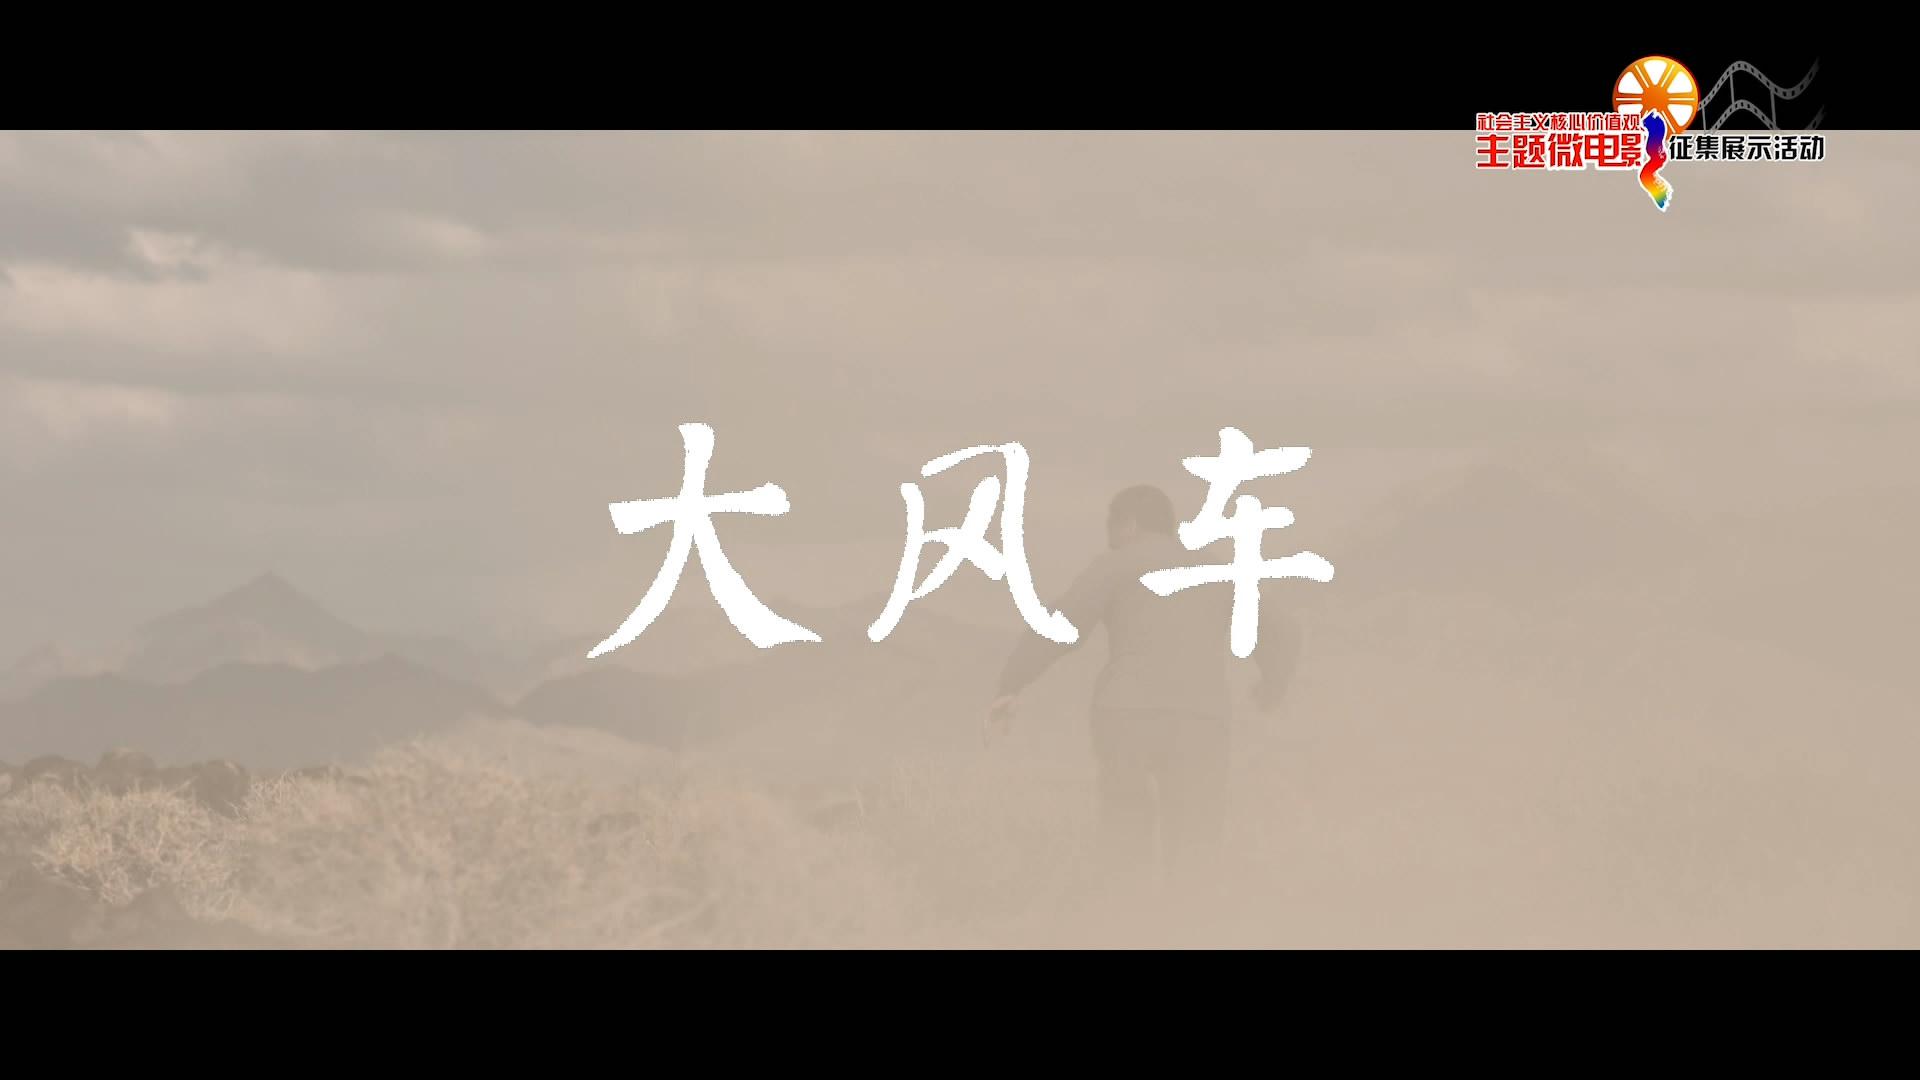 大风车(新疆)[00_01_04][20200102-110030-0].JPG